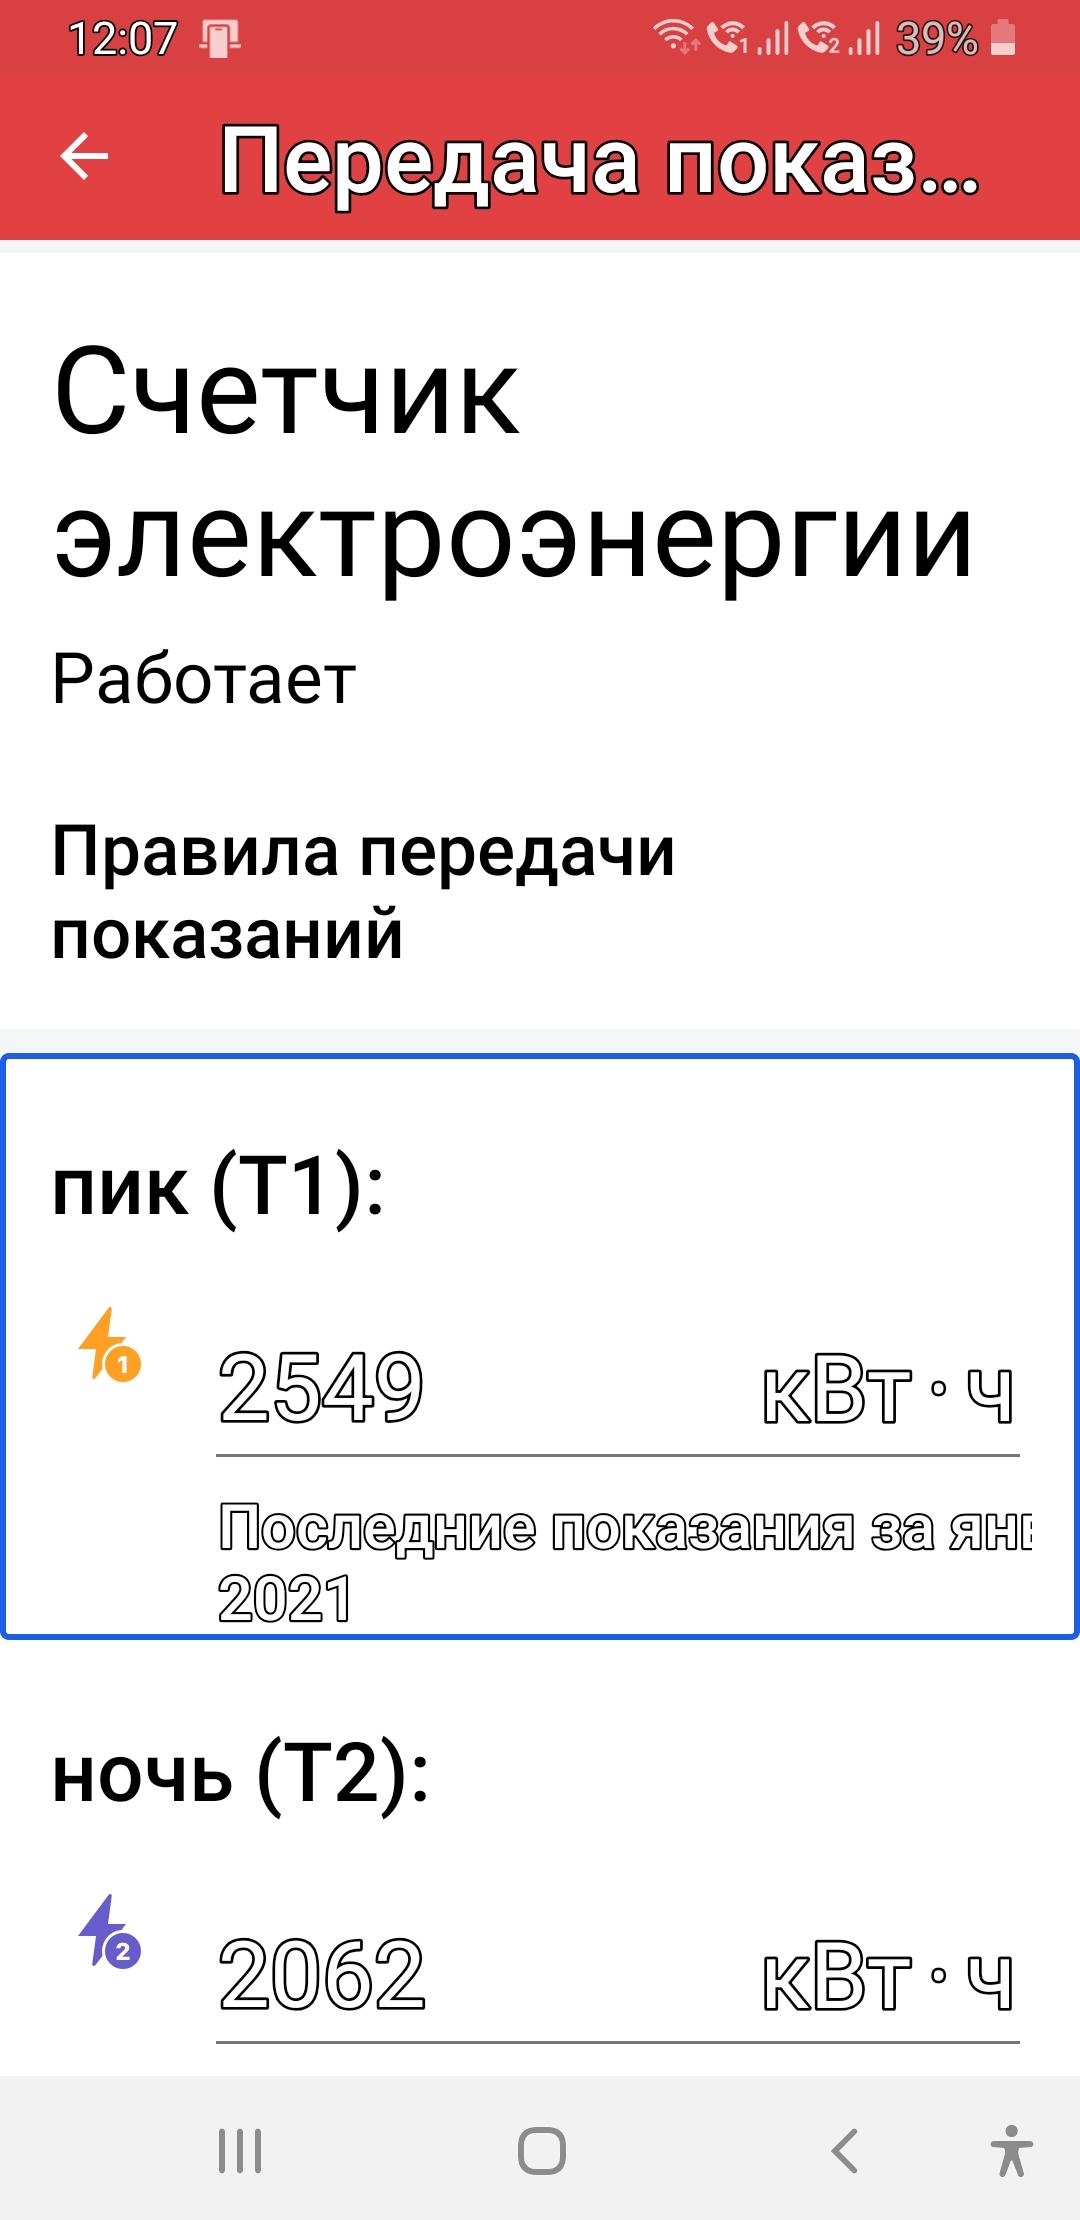 гос.мос_11_передача показаний счётчиков электроэнергии